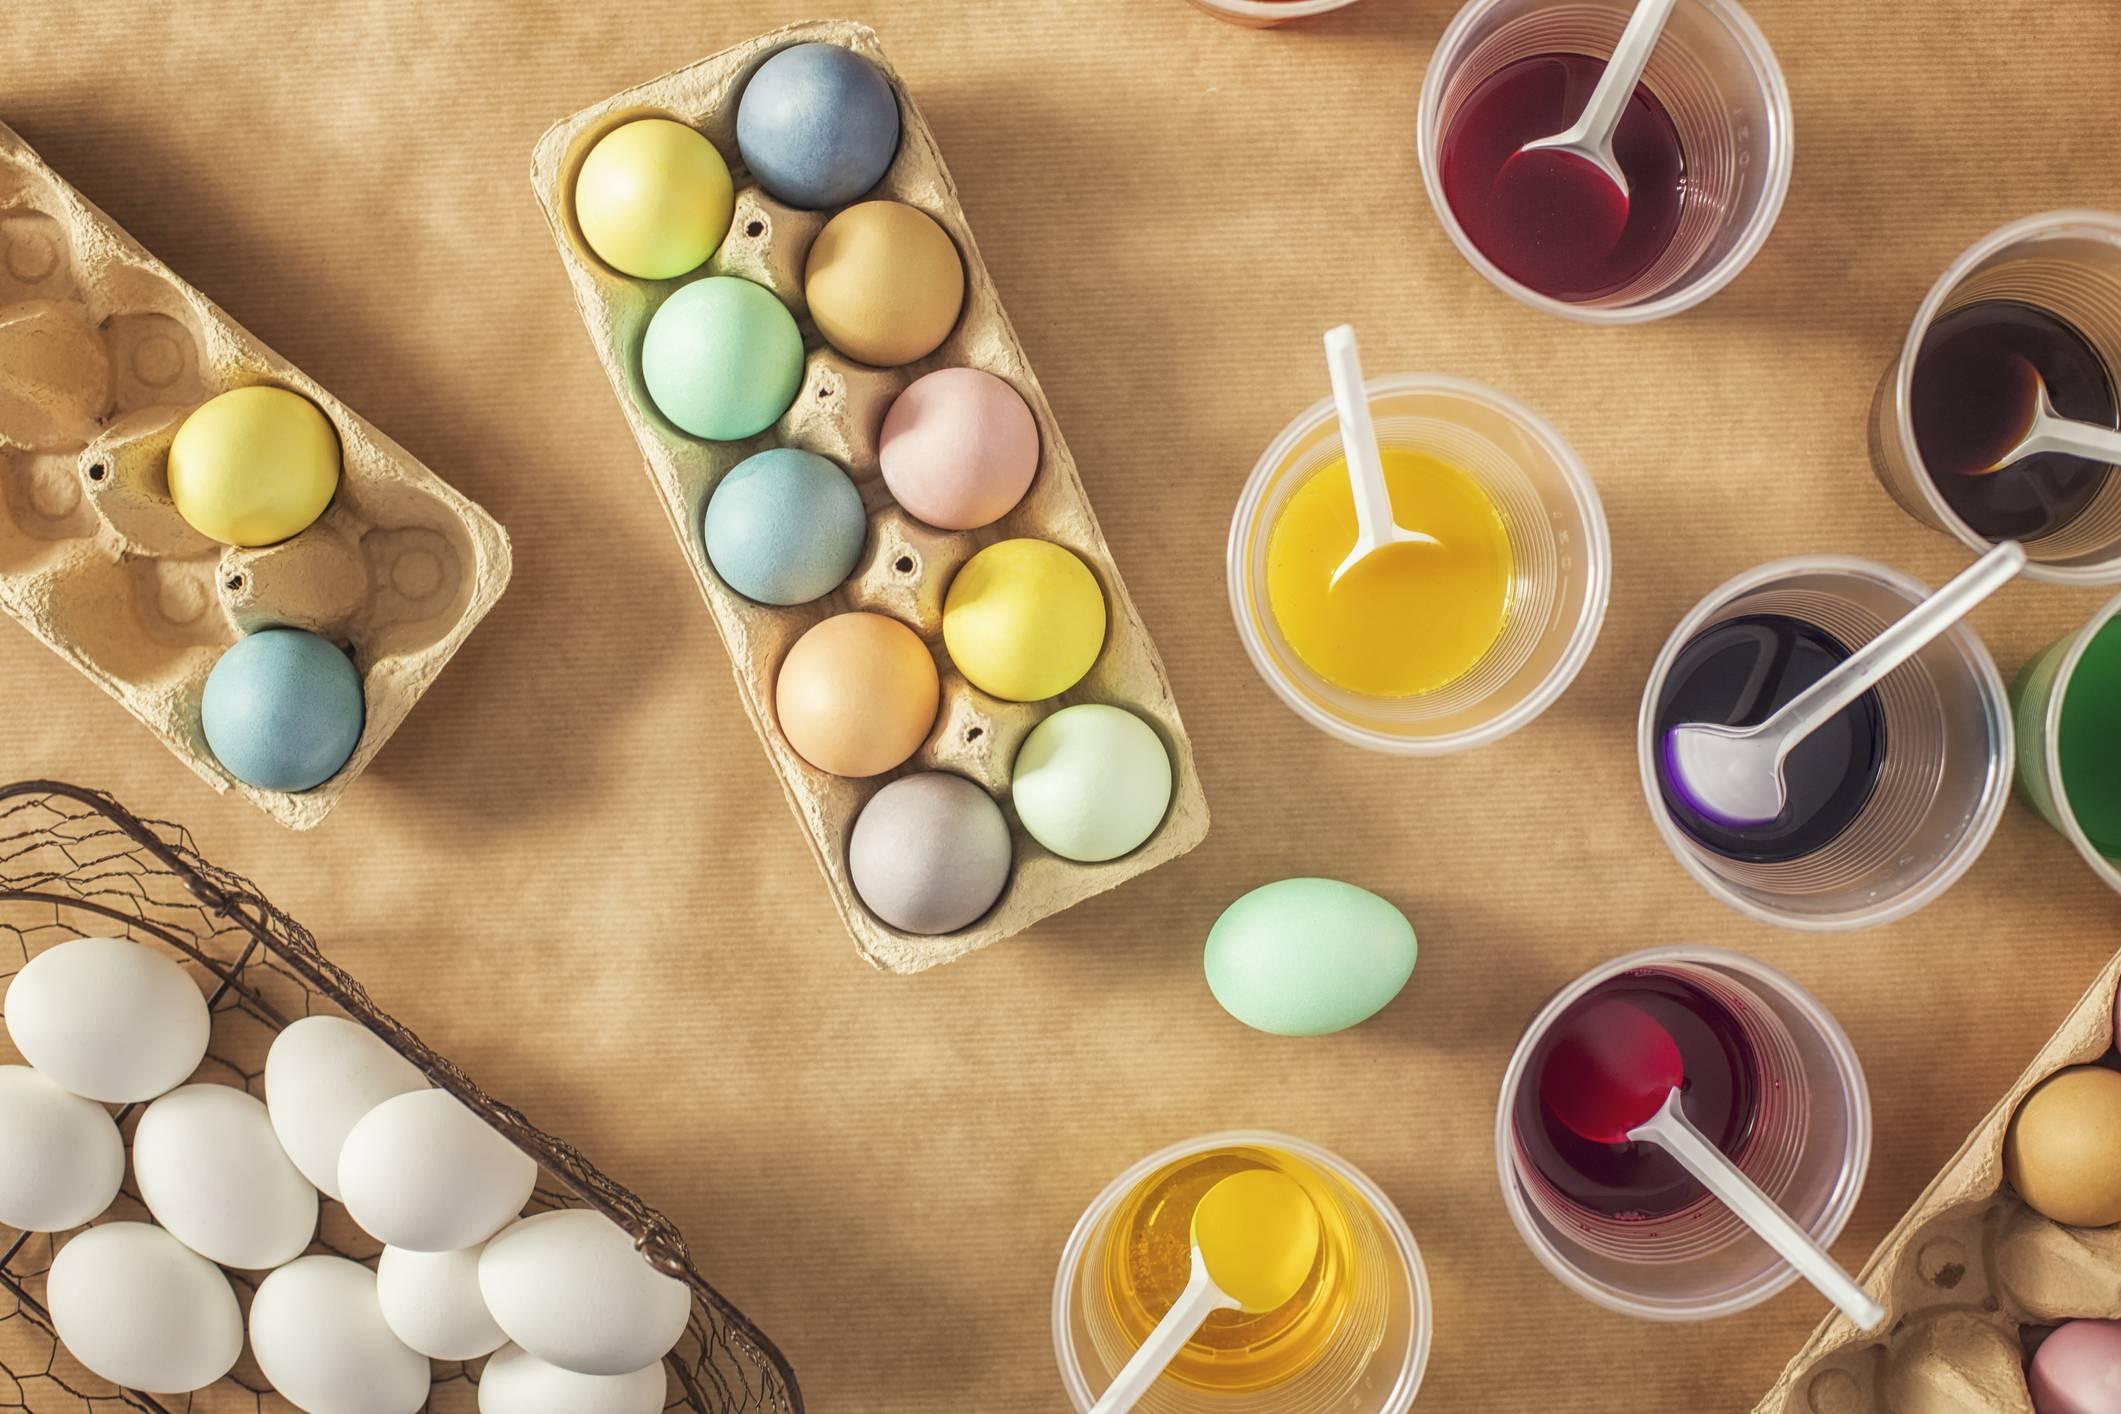 Как правильно красить яйца чаем и кофе